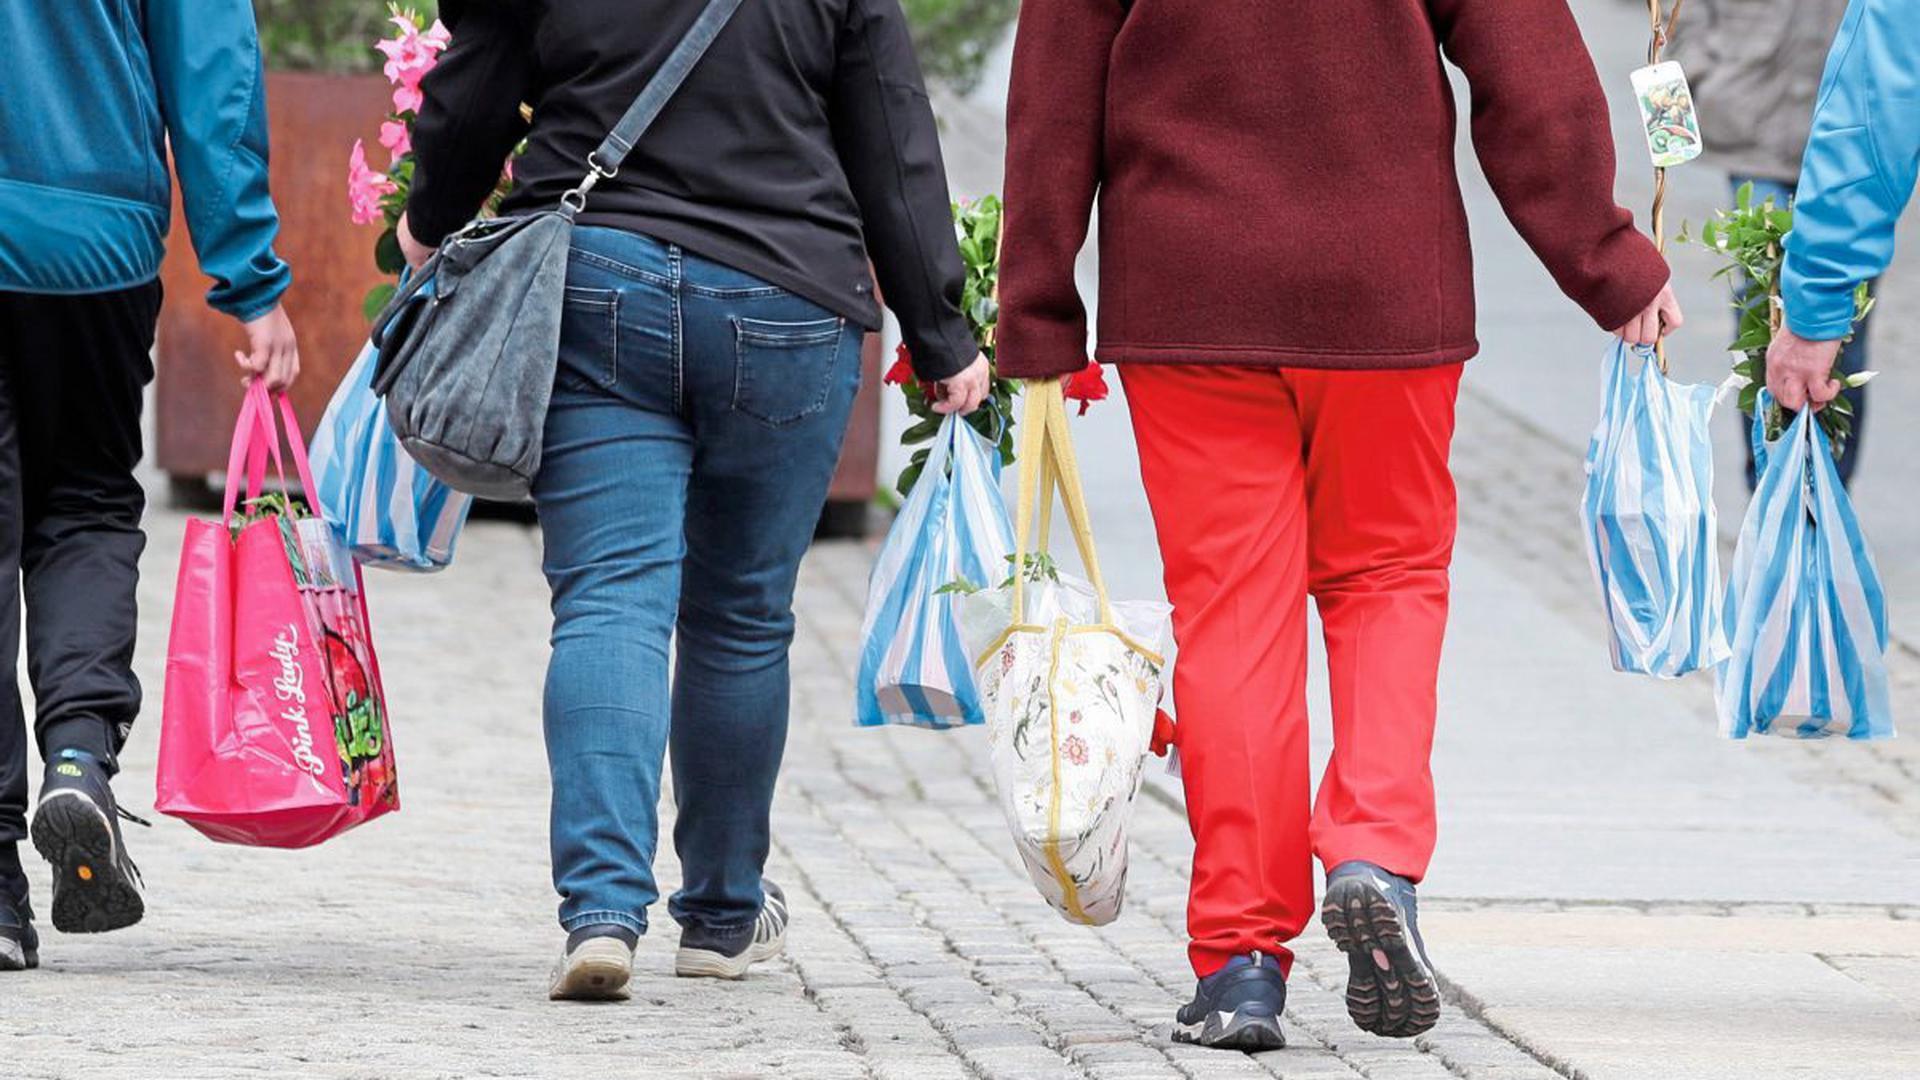 Bundesumweltministerin Svenja Schulze hat den Plastiktüten den Kampf angesagt und ein Gesetz gegen die Einmaltragetaschen auf den Weg gebracht.